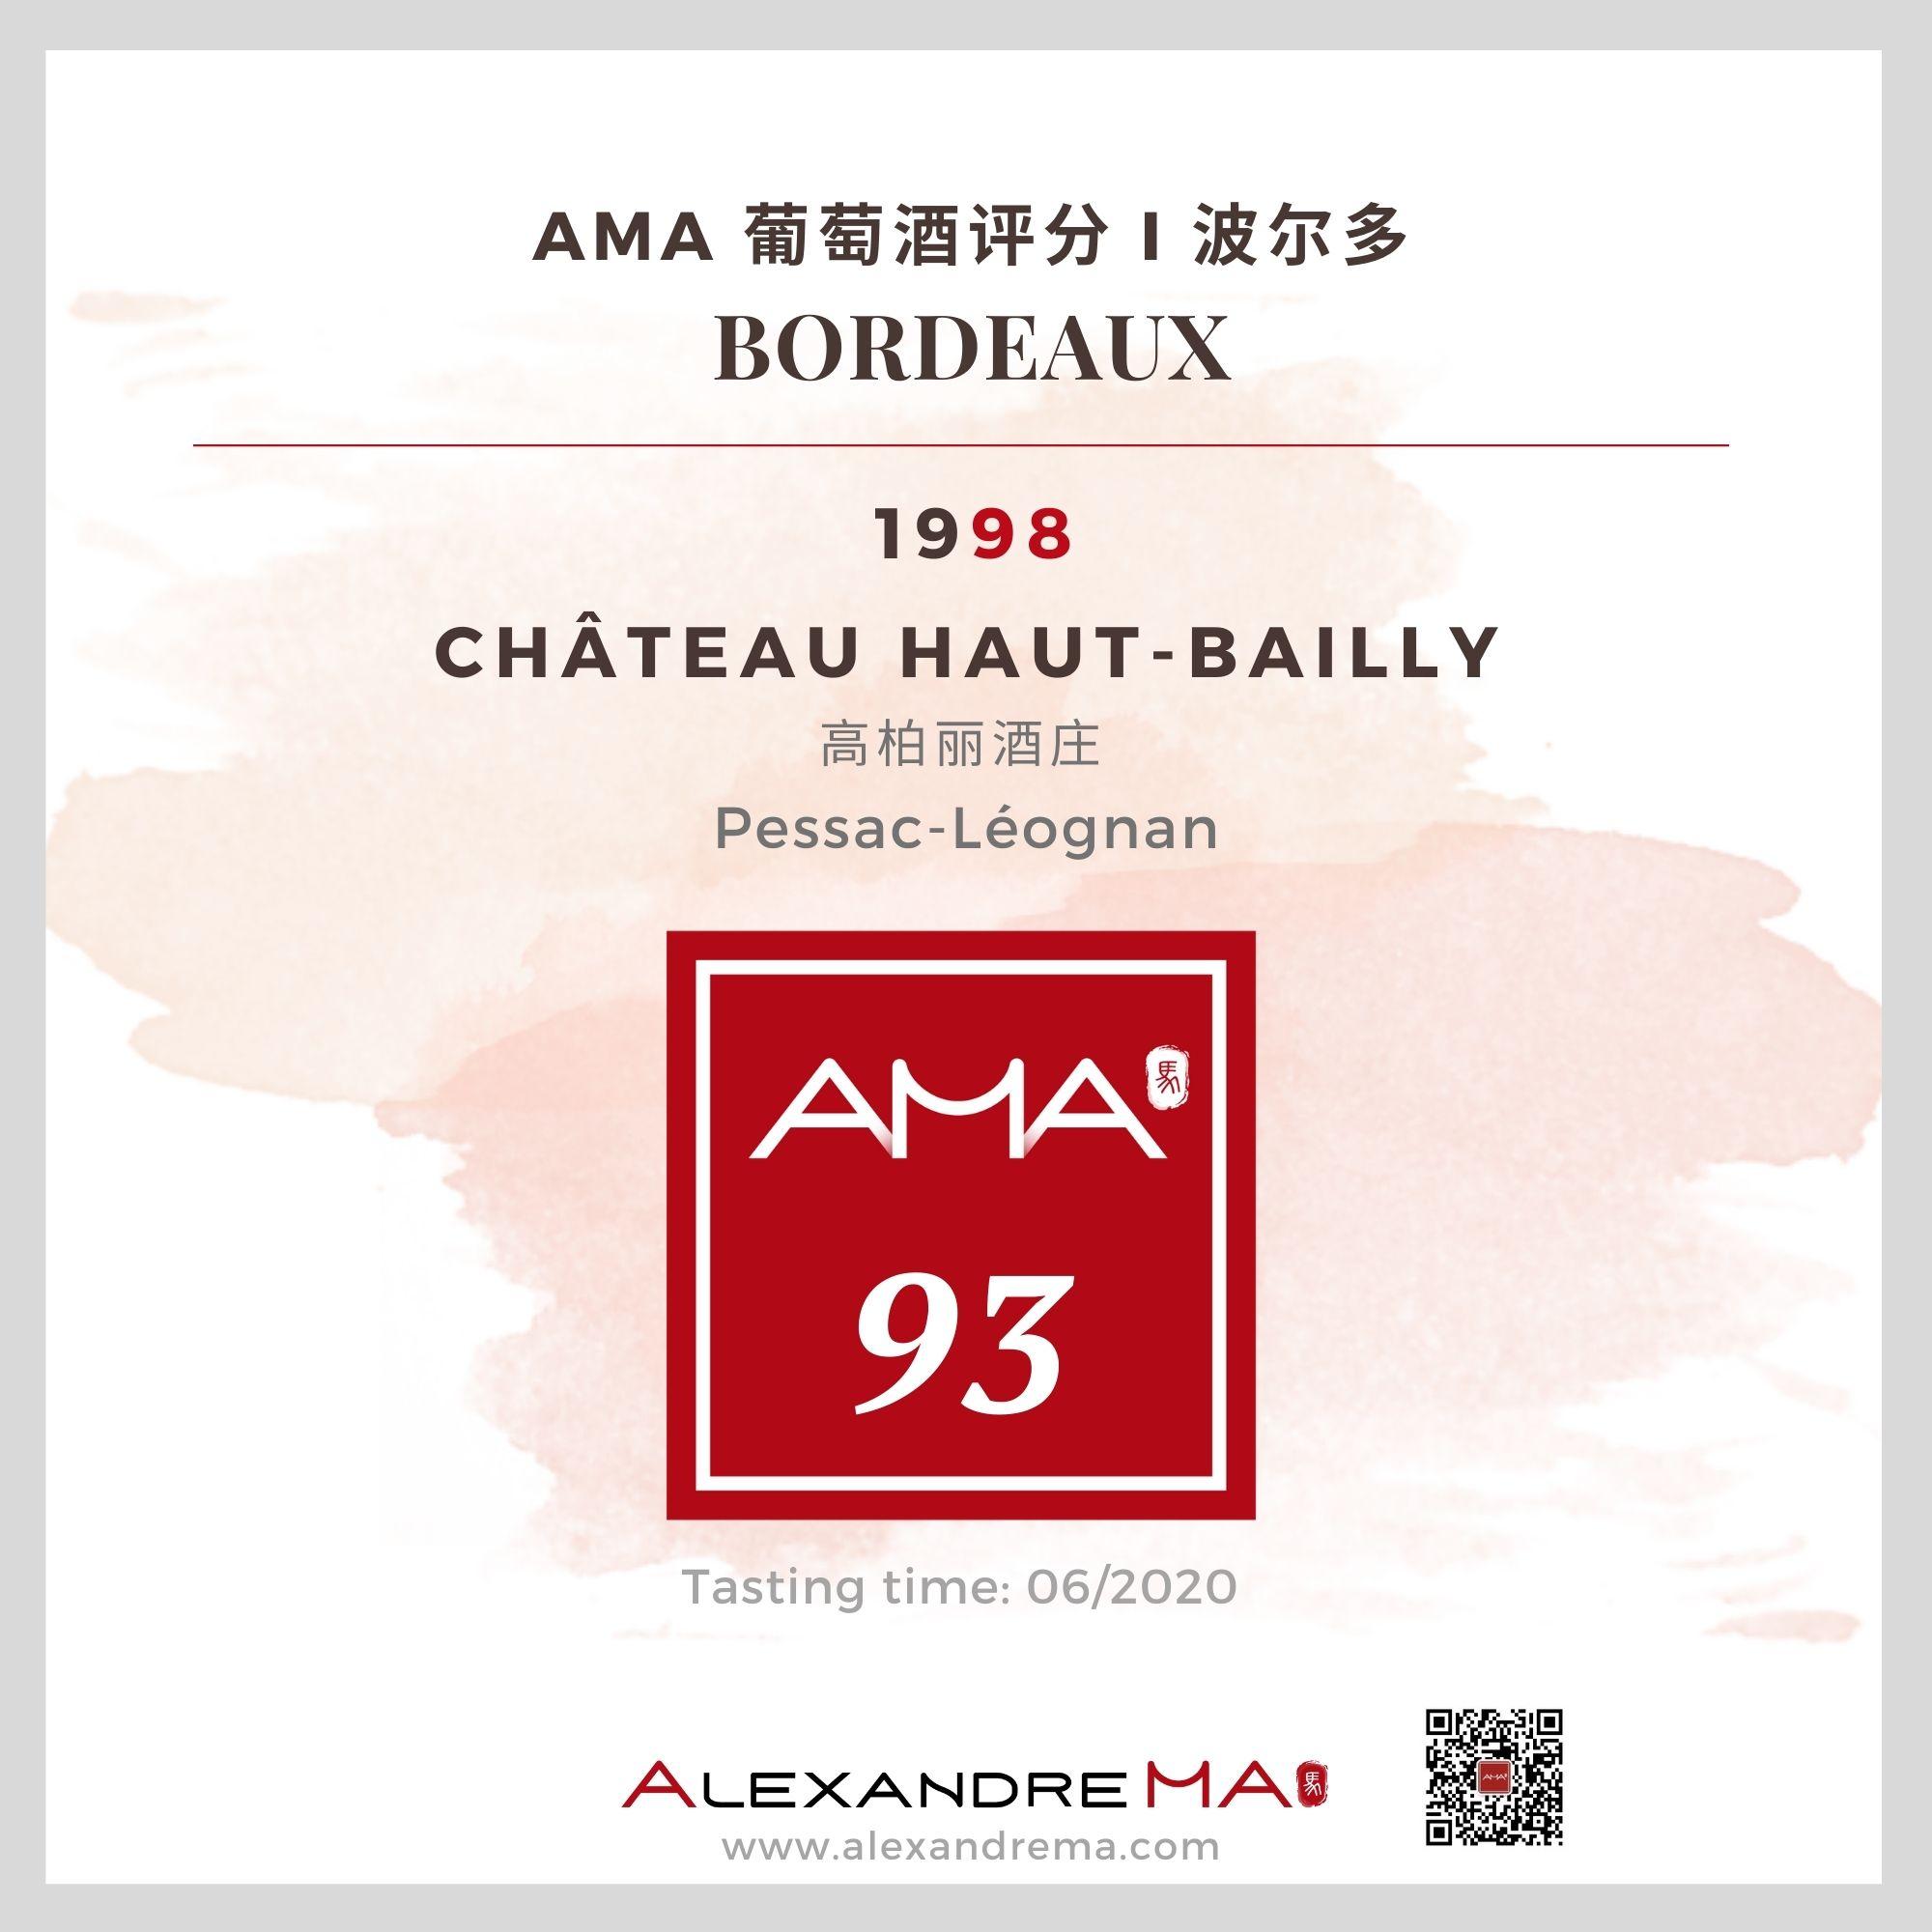 Château Haut-Bailly 1998 高柏丽酒庄 - Alexandre Ma